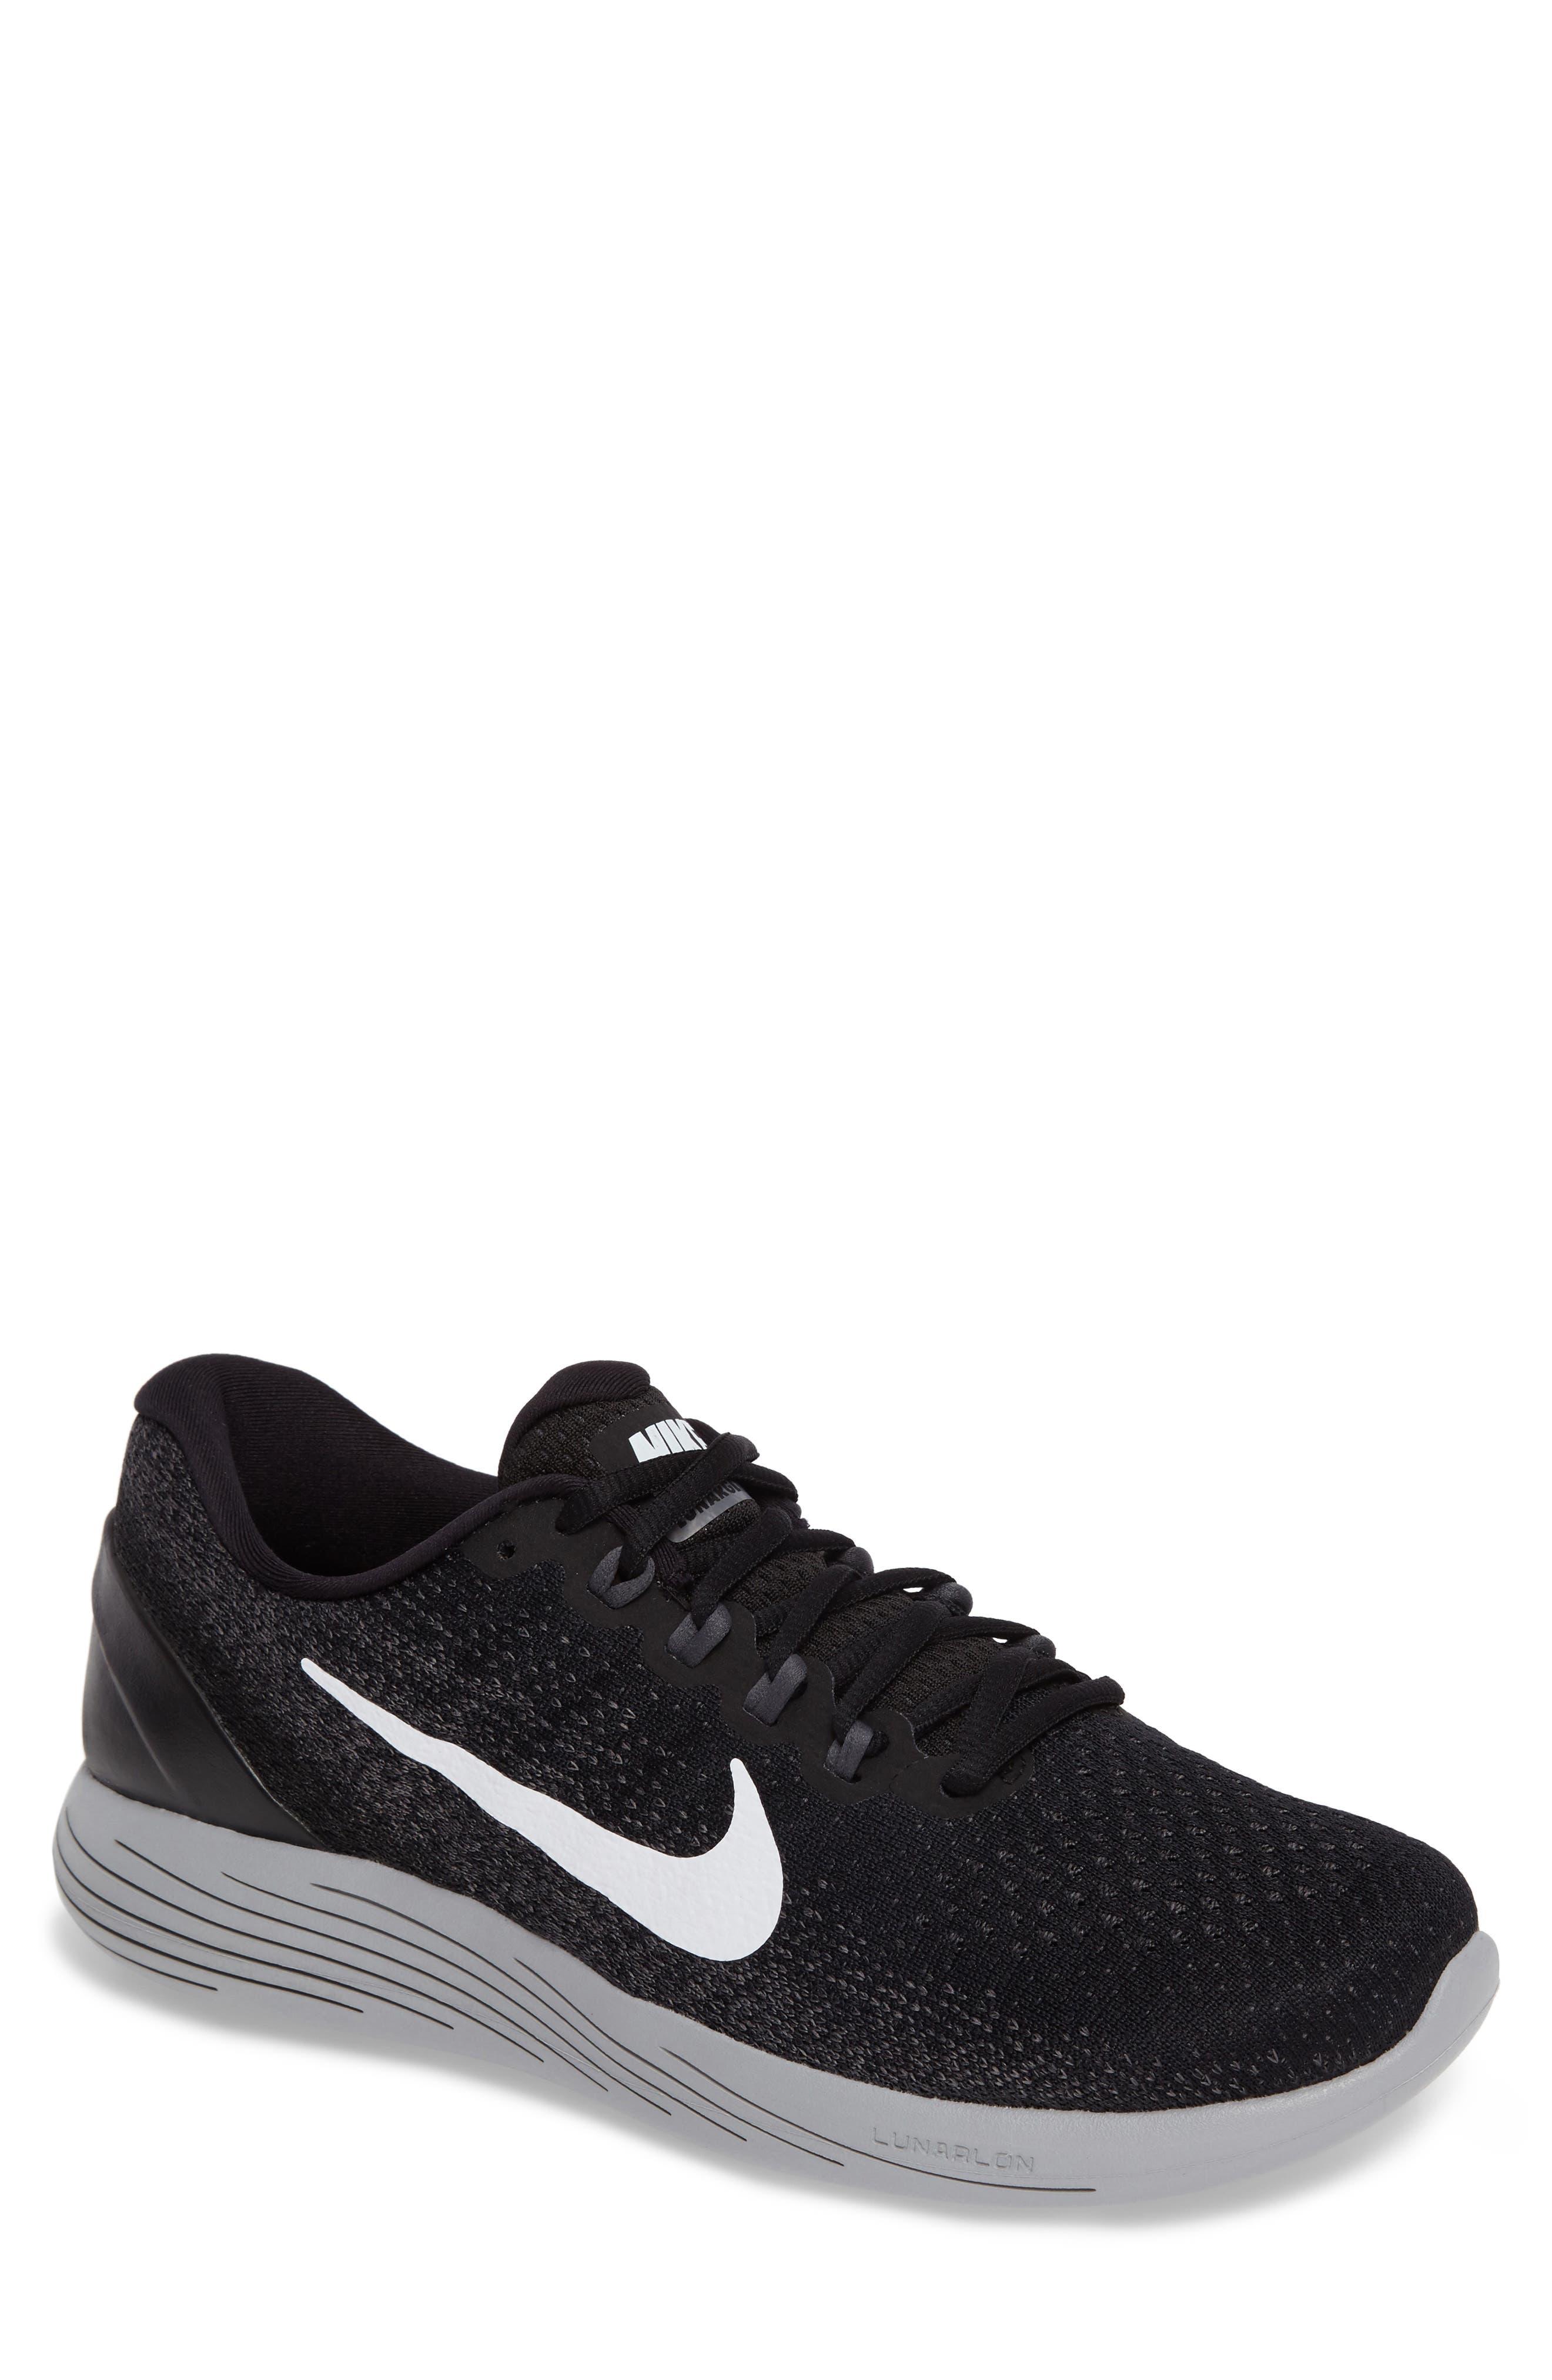 Main Image - Nike LunarGlide 9 Running Shoe (Men)